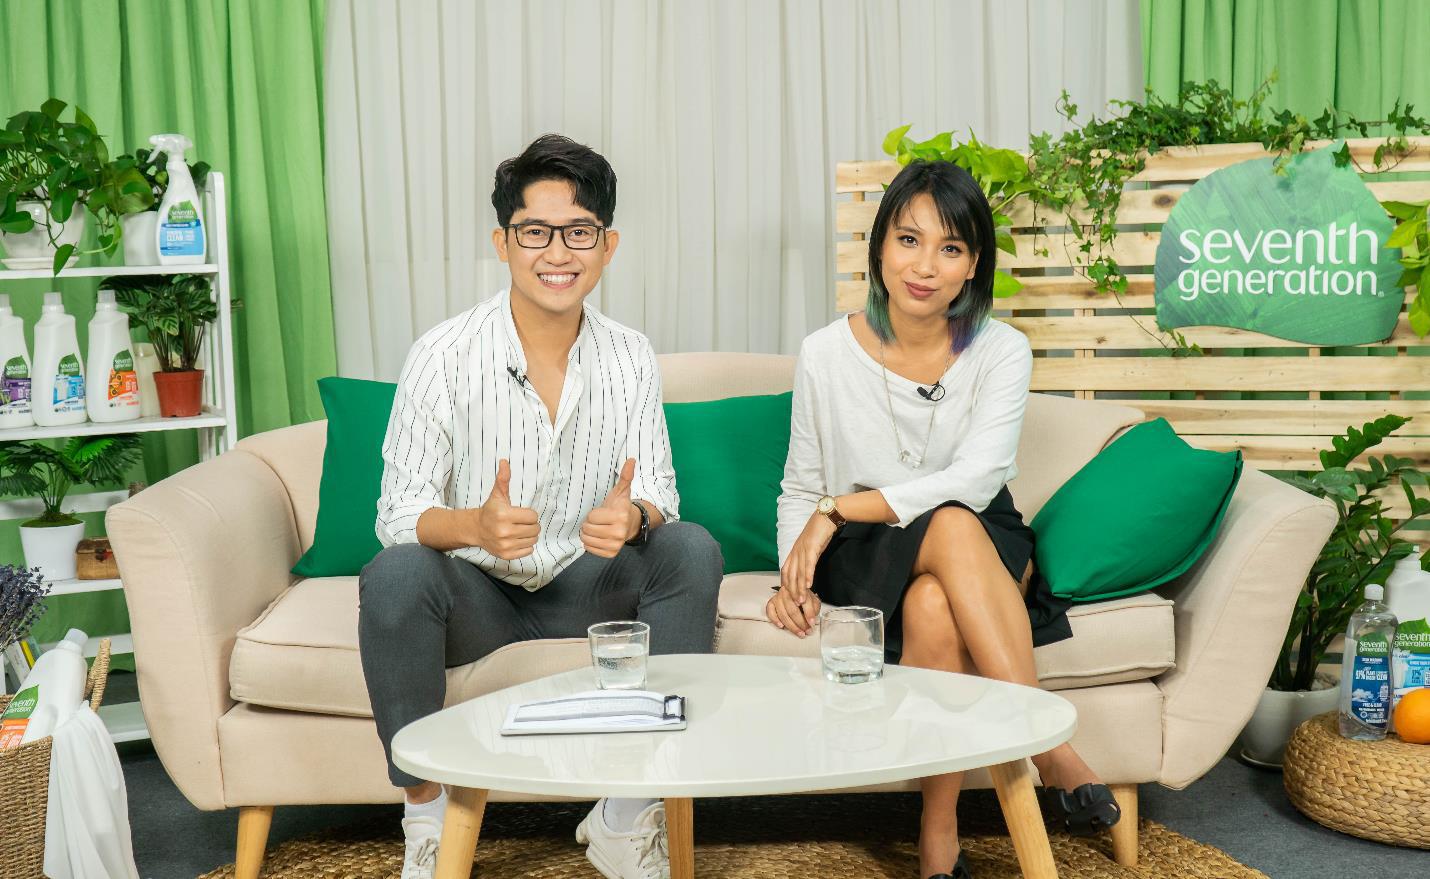 Giật mình với những chia sẻ của MC Thùy Minh về biến đổi khí hậu và sống xanh - Ảnh 1.